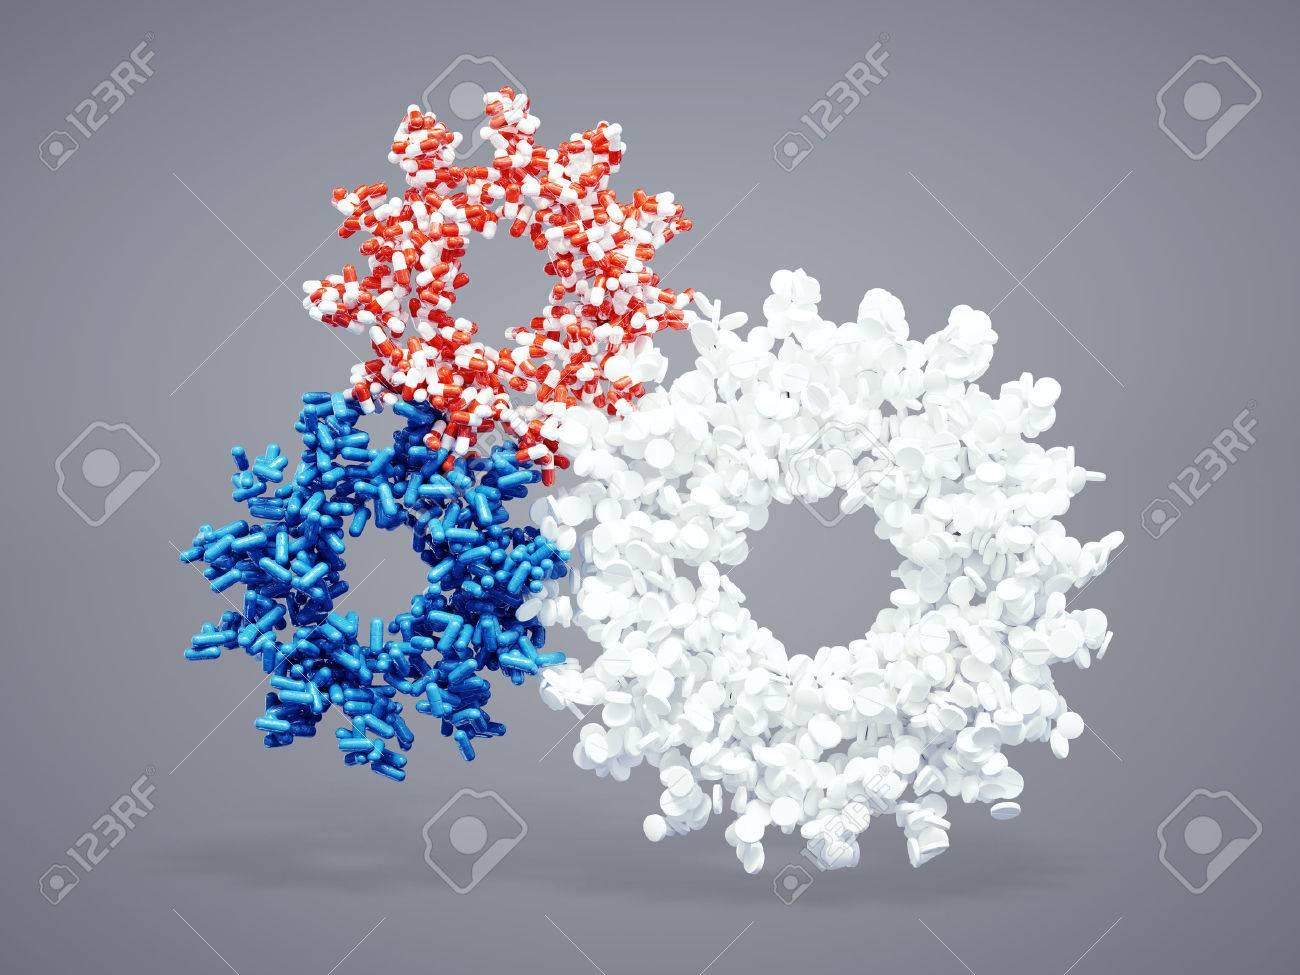 3d pharmaceutical cogwheel icon - 36867702